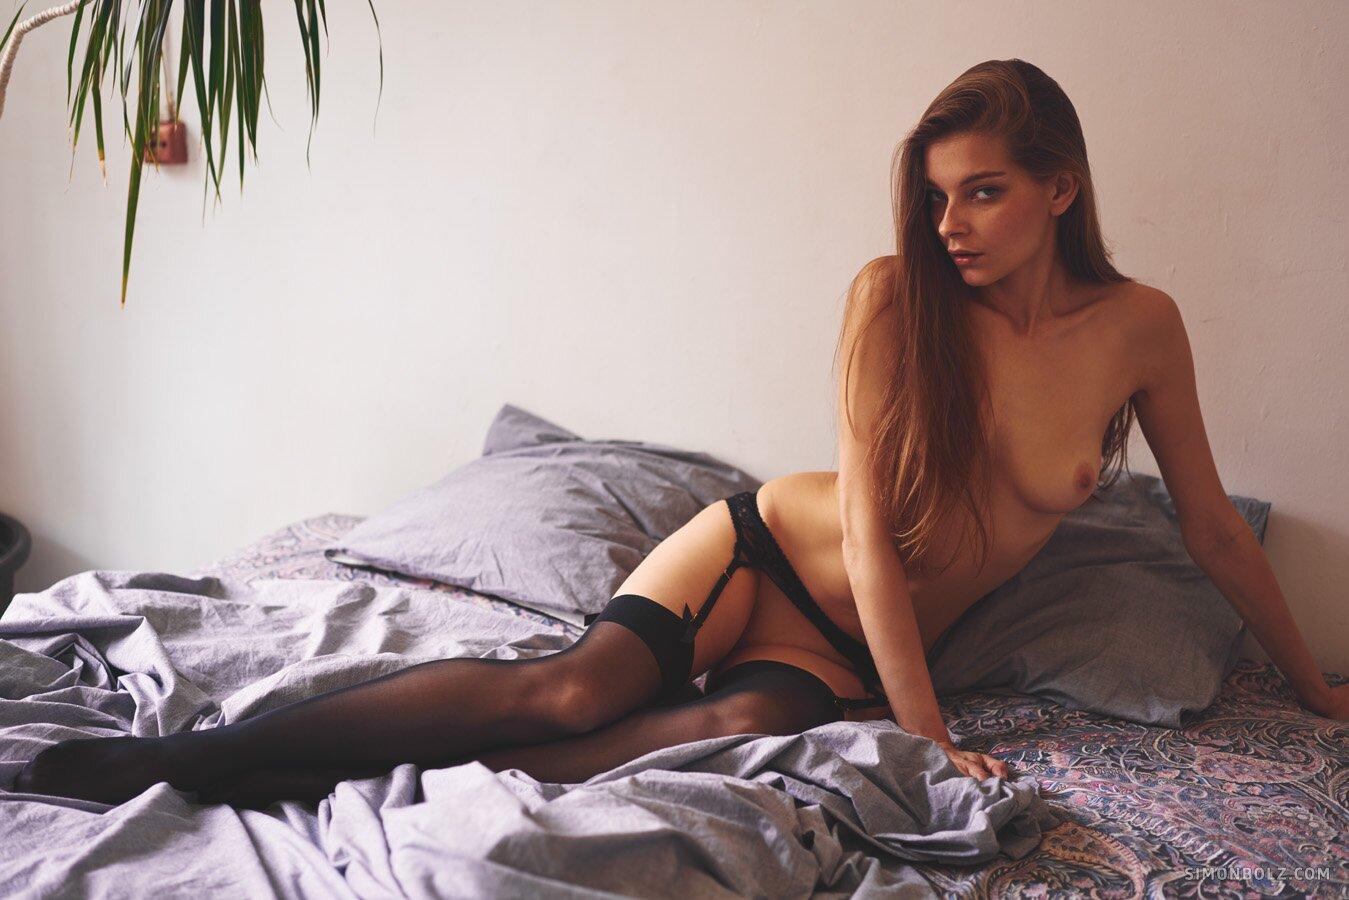 Anna Raise / Photographed by Simon Bolz